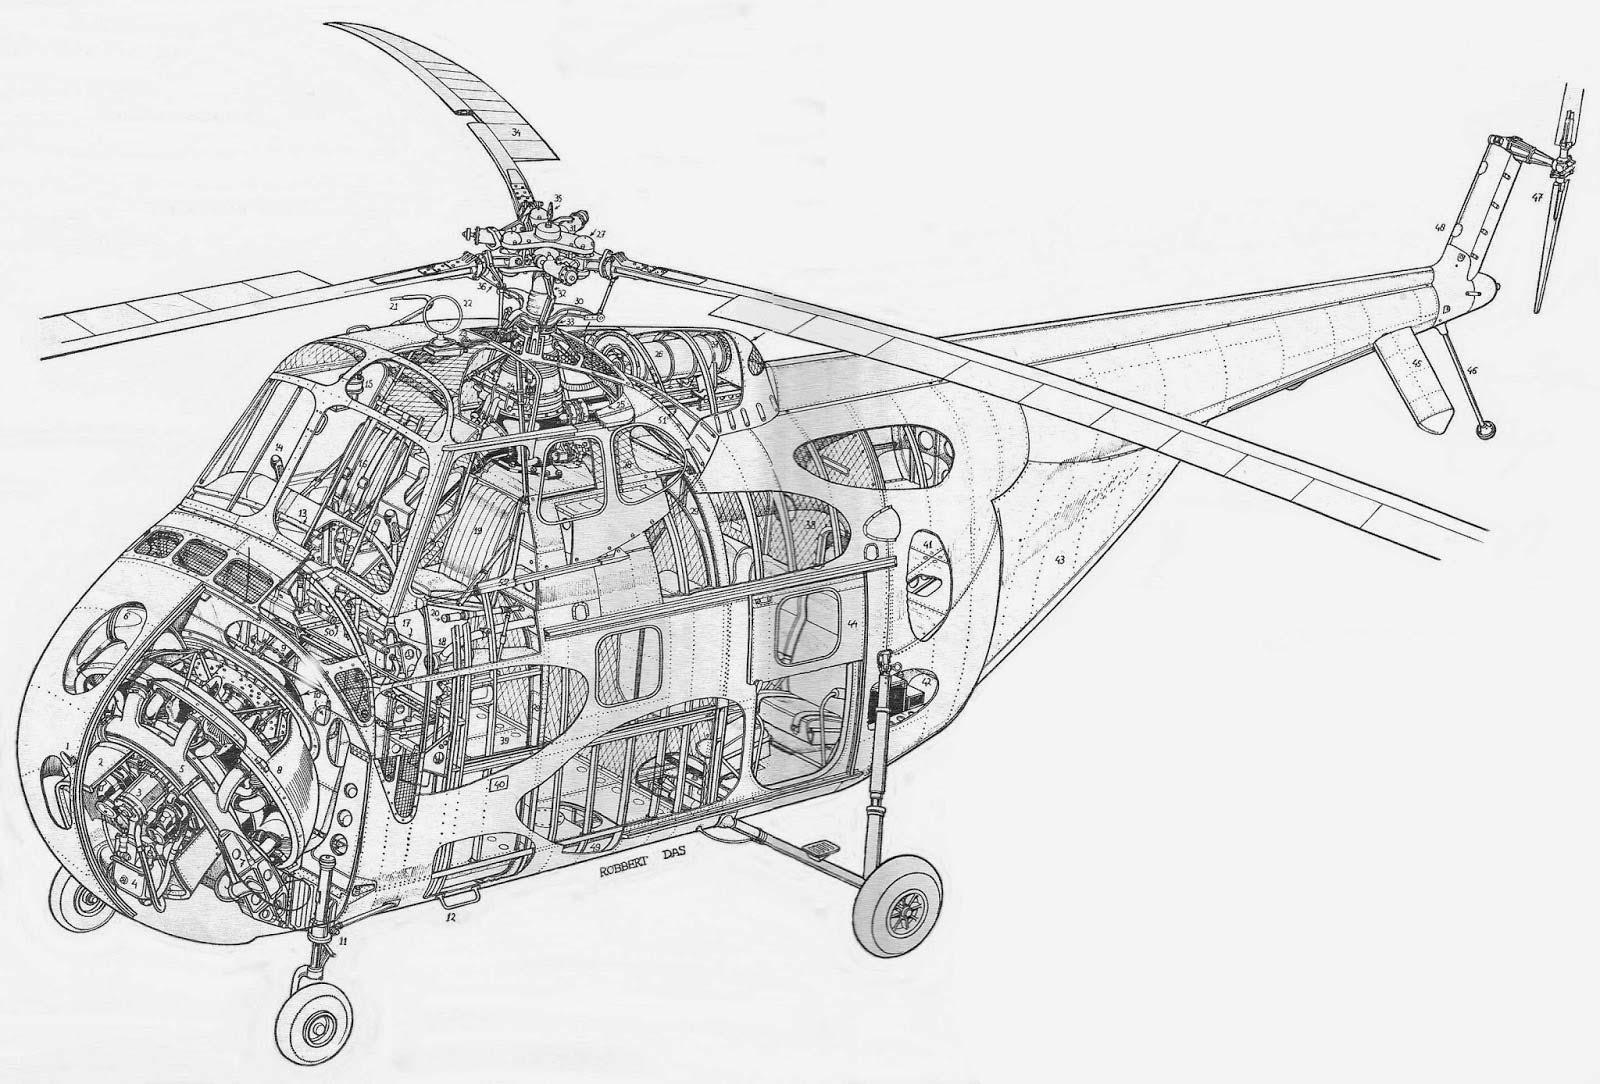 Sikorsky s-55 cutaway